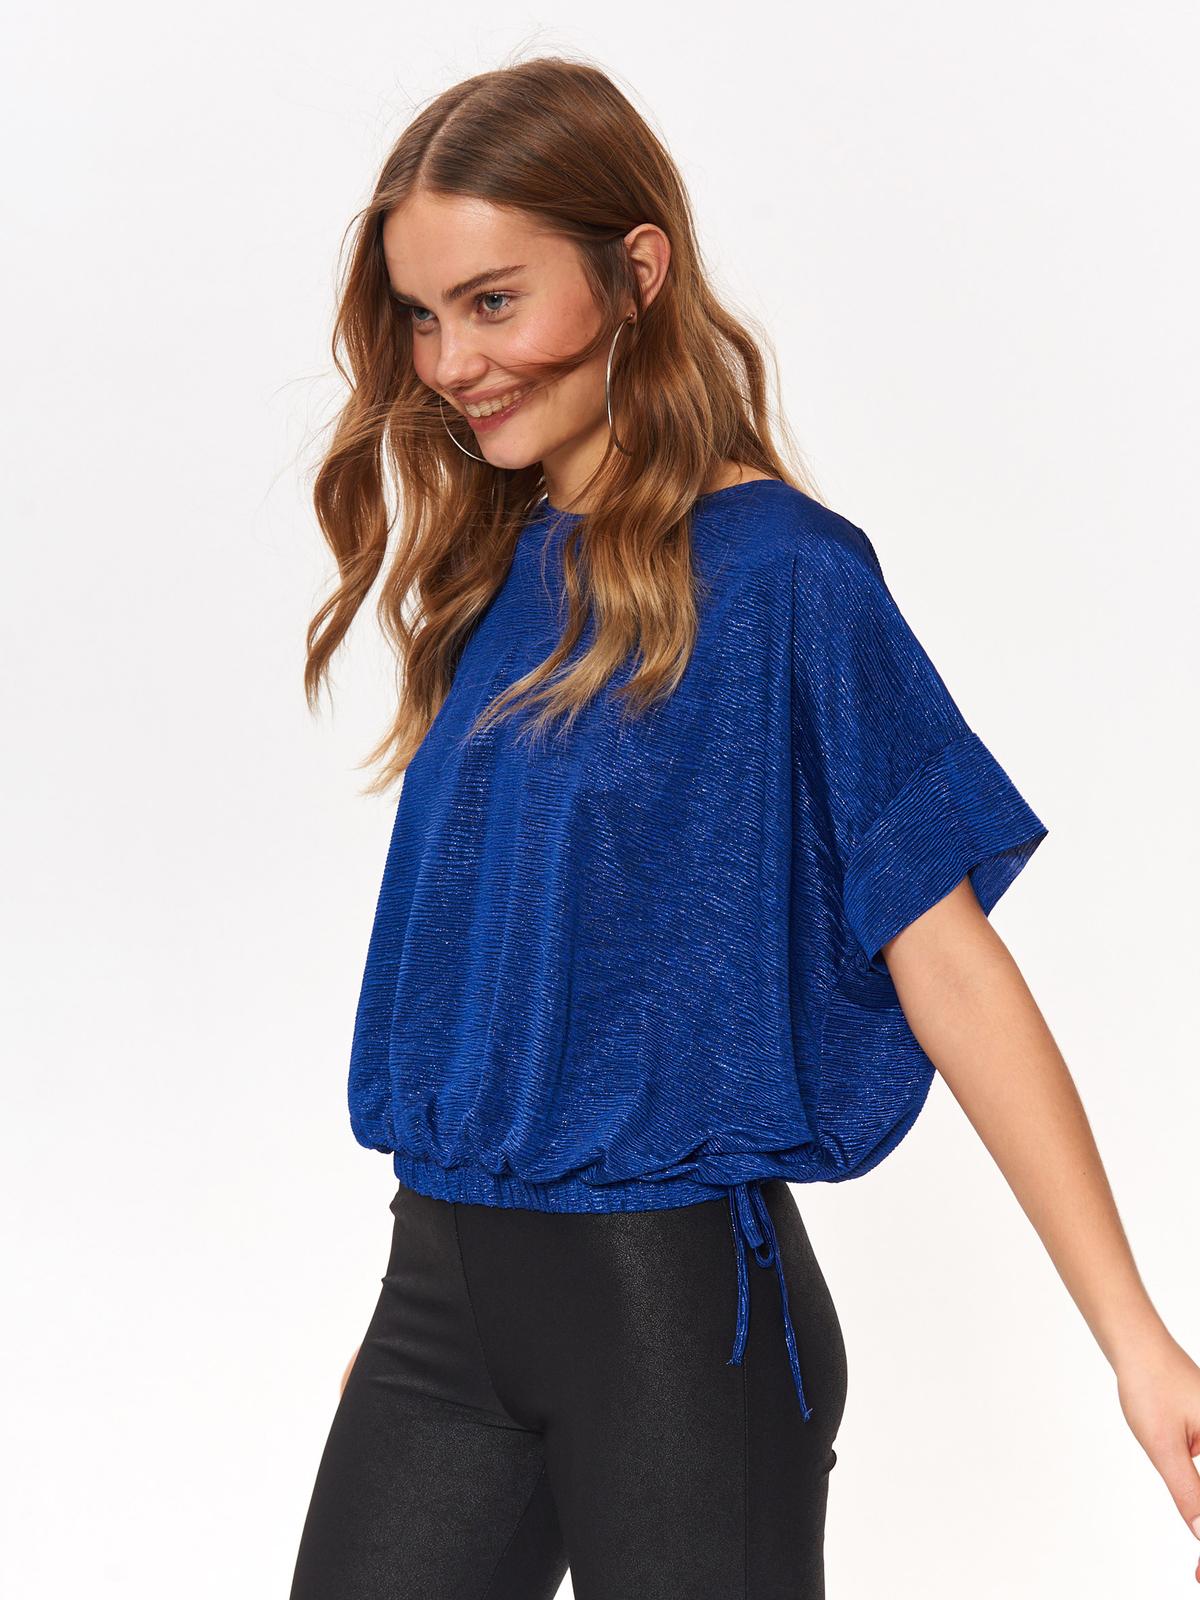 Efektowna bluzka damska z błyszczącej tkaniny